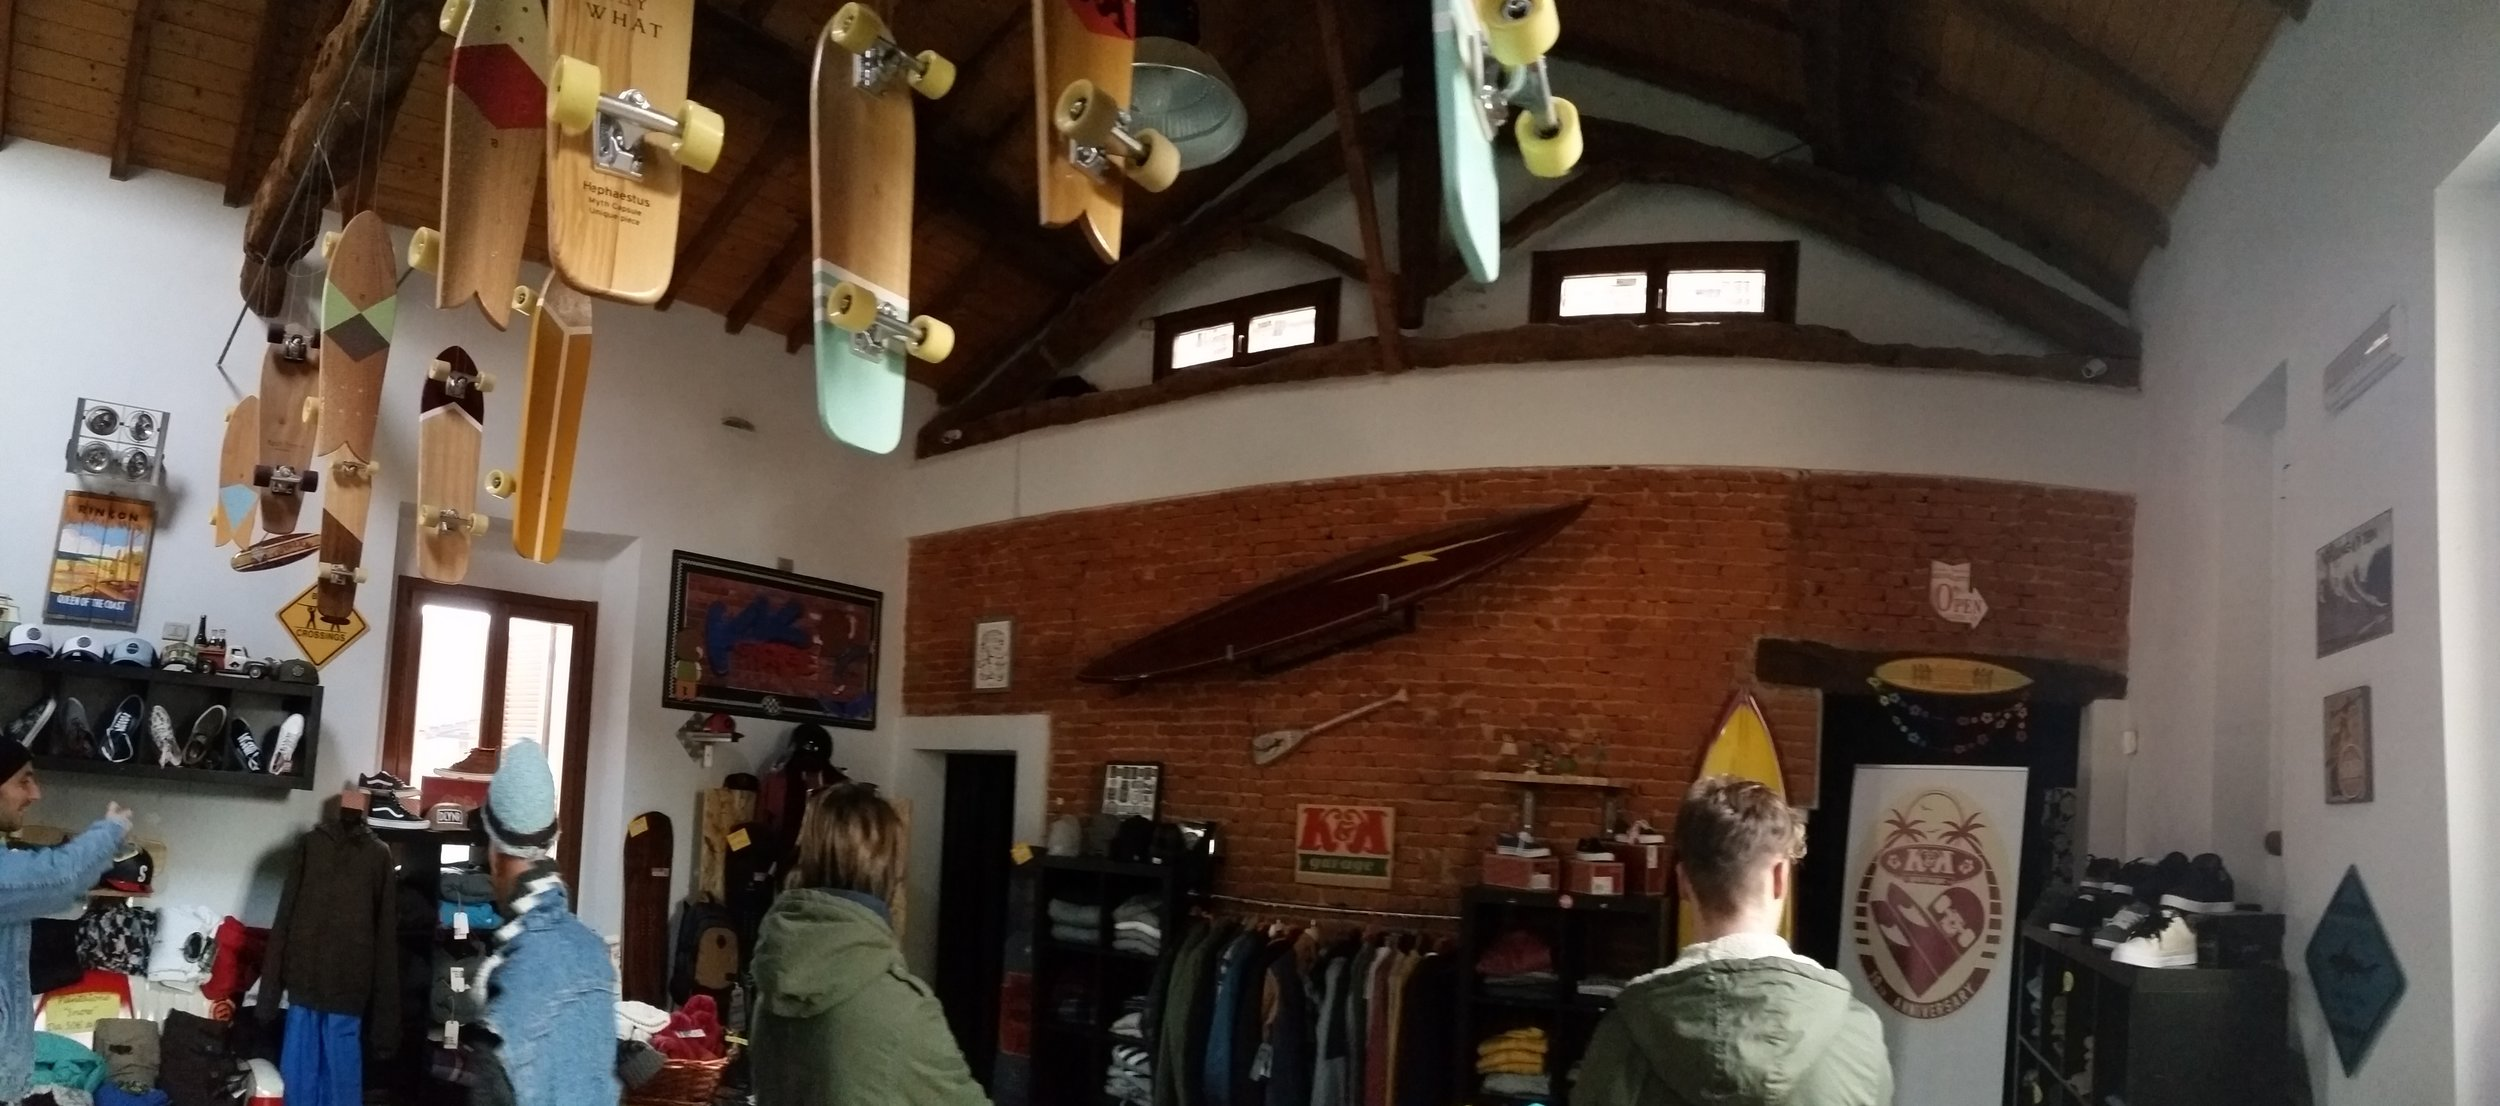 K&K Garage Surf Hut - Surf Store